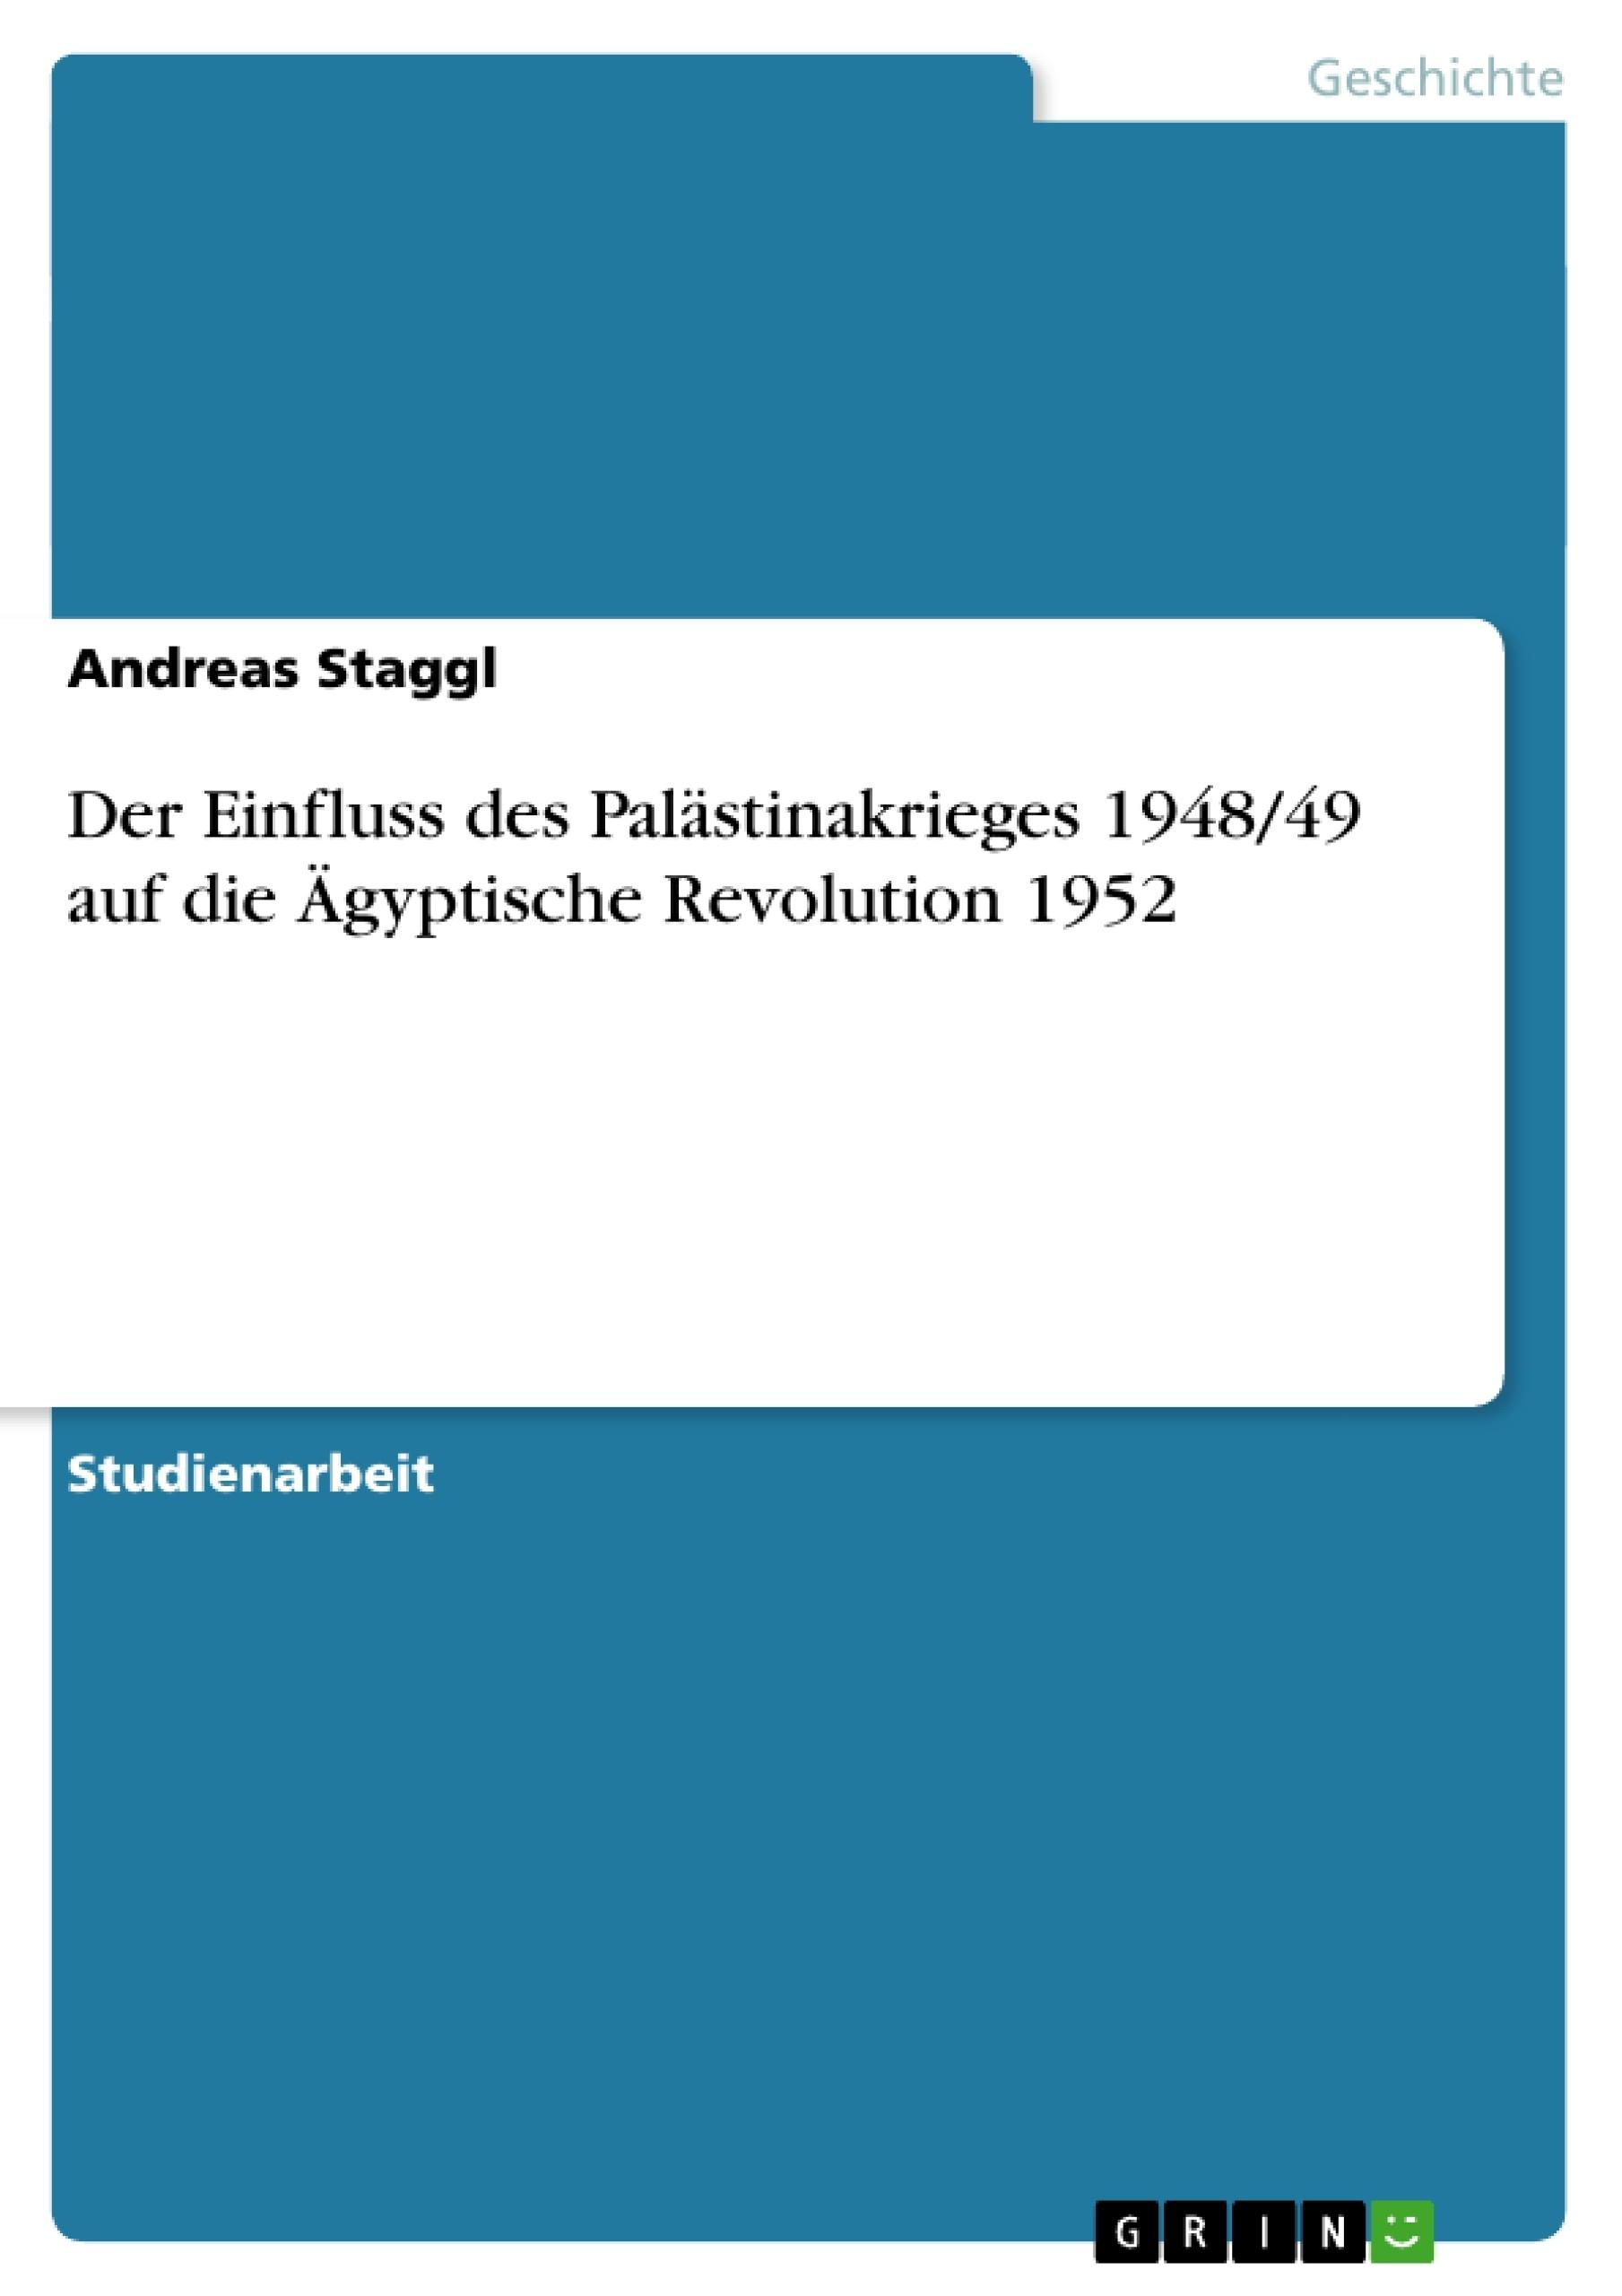 Titel: Der Einfluss des Palästinakrieges 1948/49 auf die Ägyptische Revolution 1952